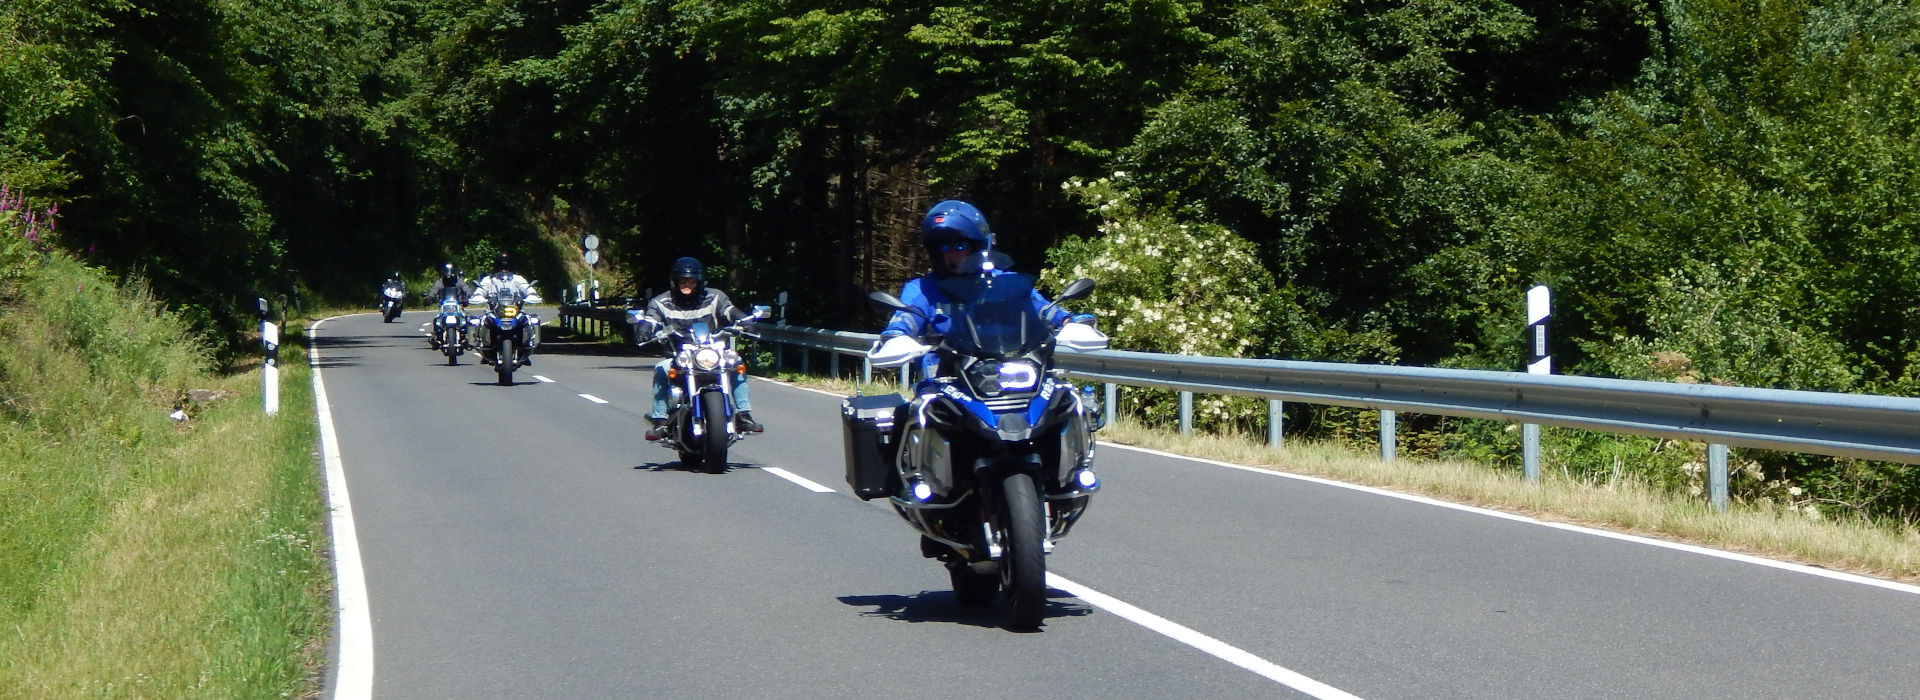 Motorrijbewijspoint Dorst spoed motorrijbewijs